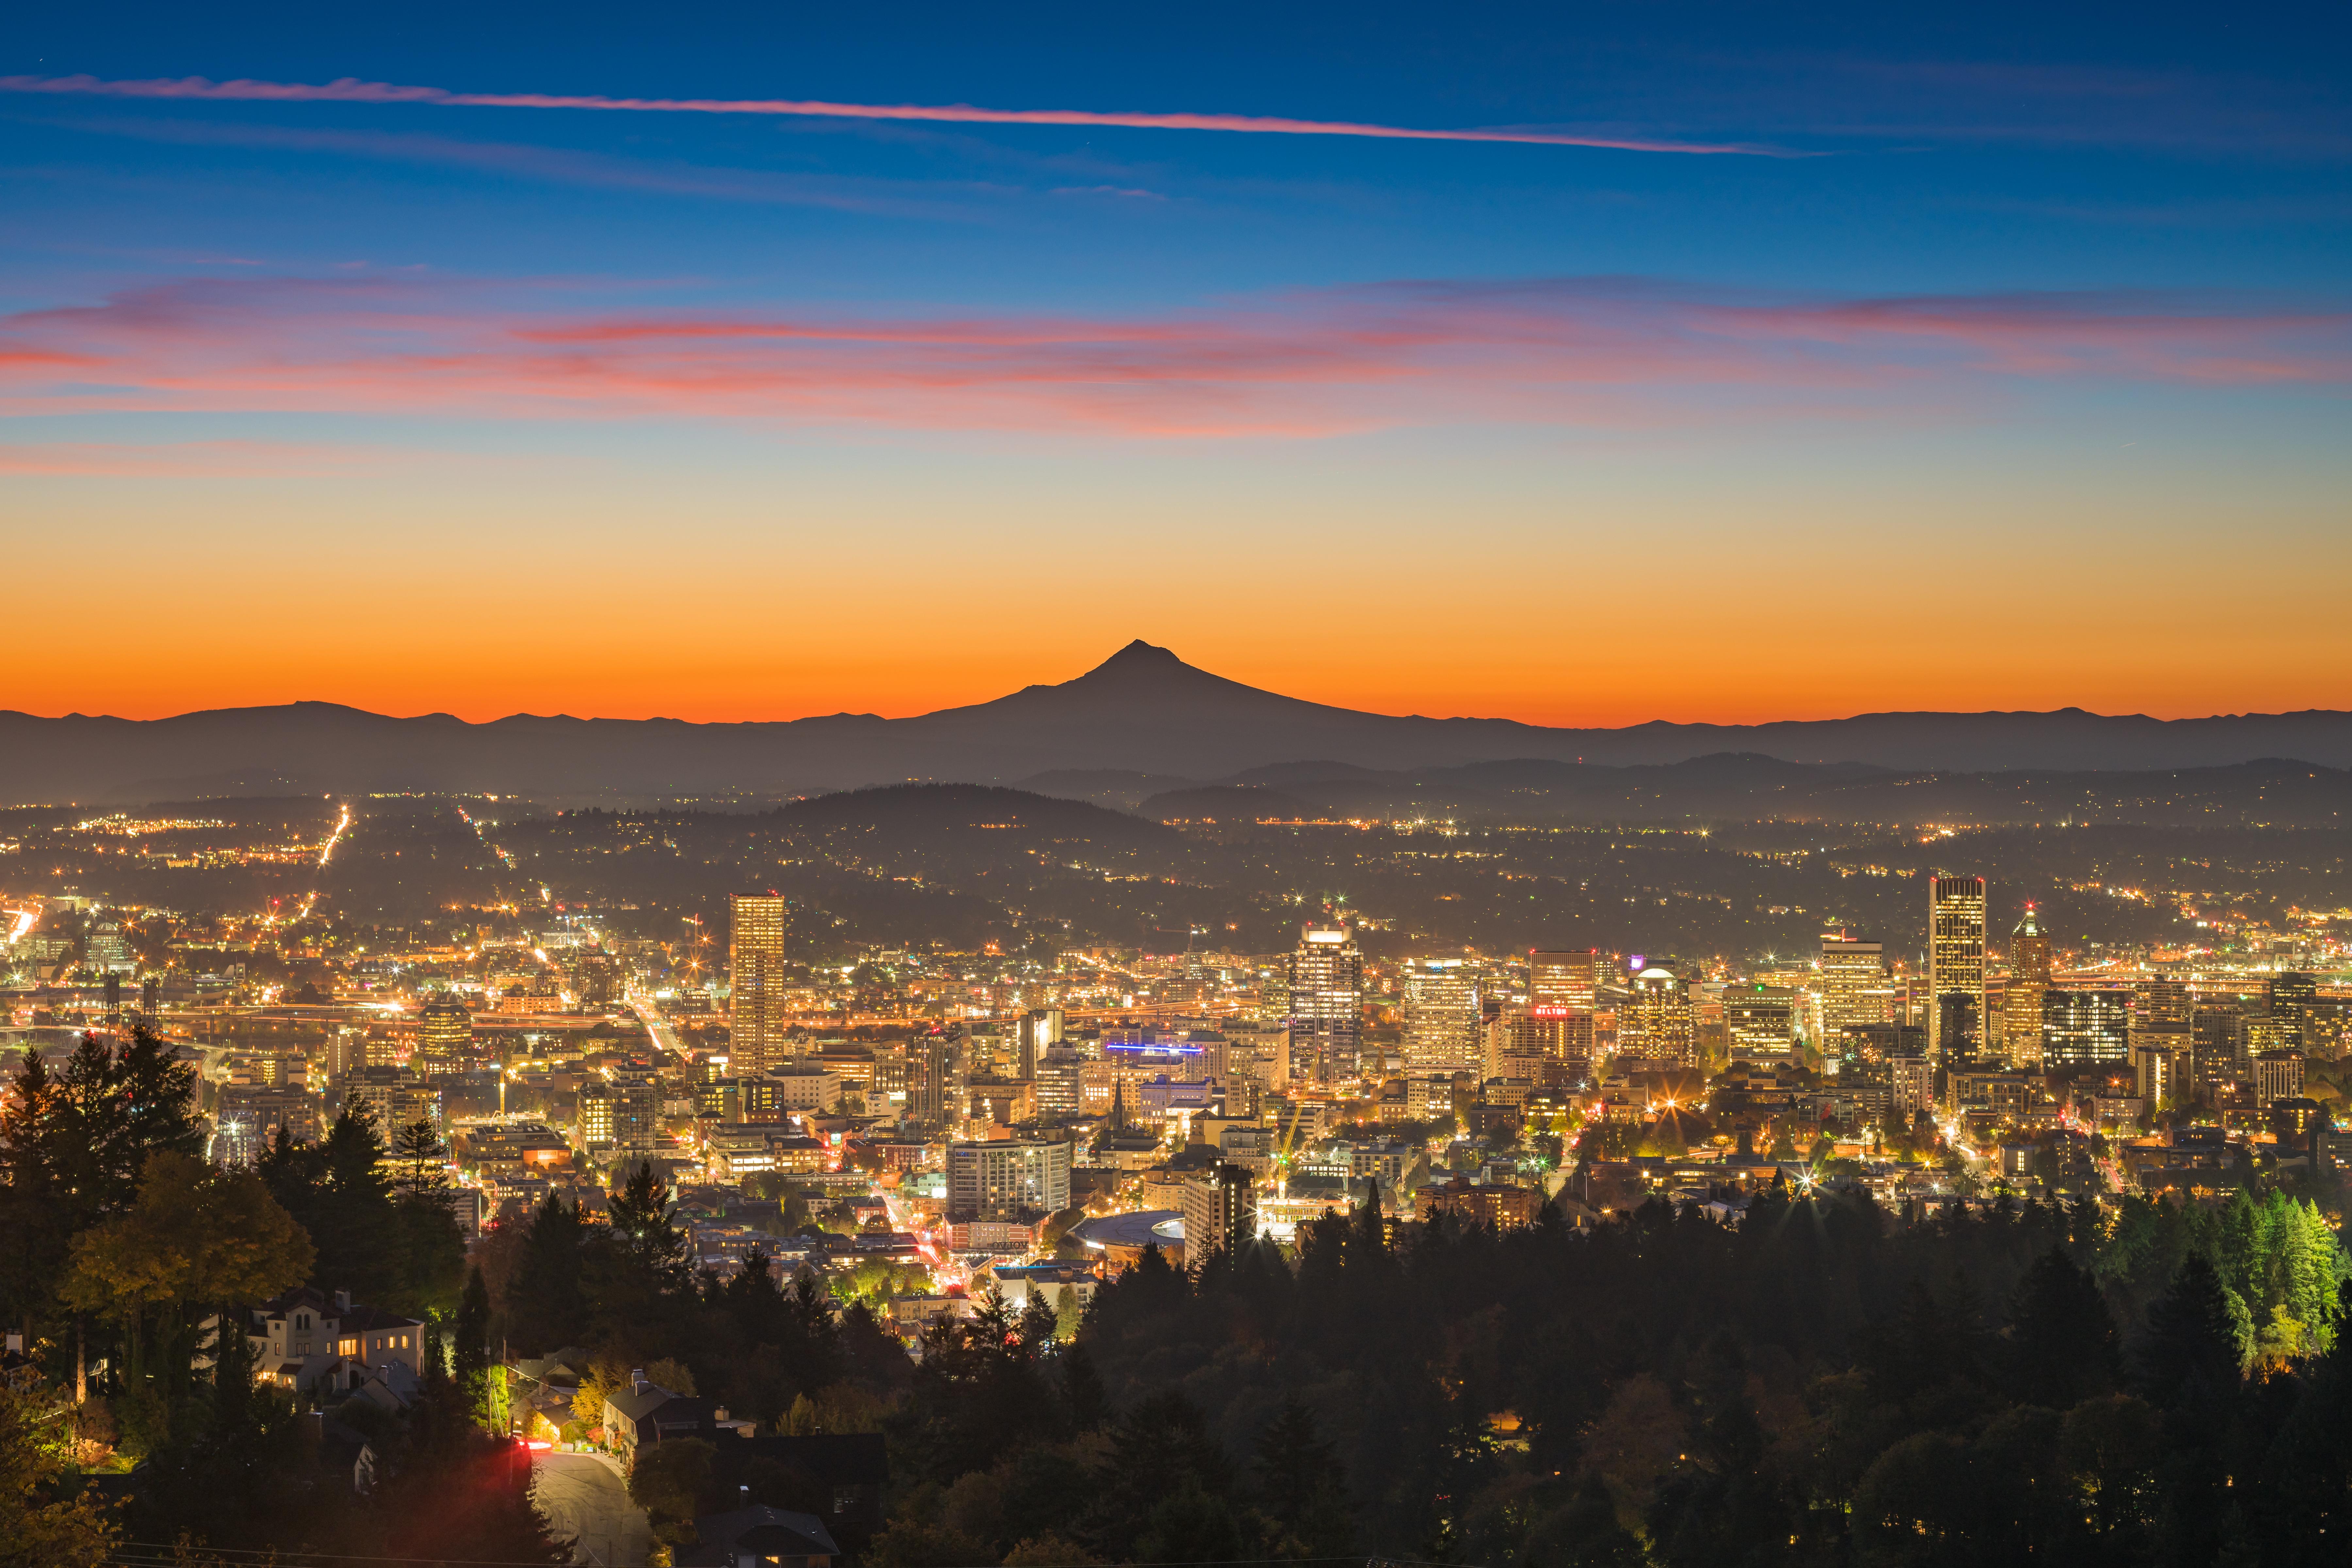 夜明けのポートランドのダウンタウンとマウントフッドの風景 アメリカの風景